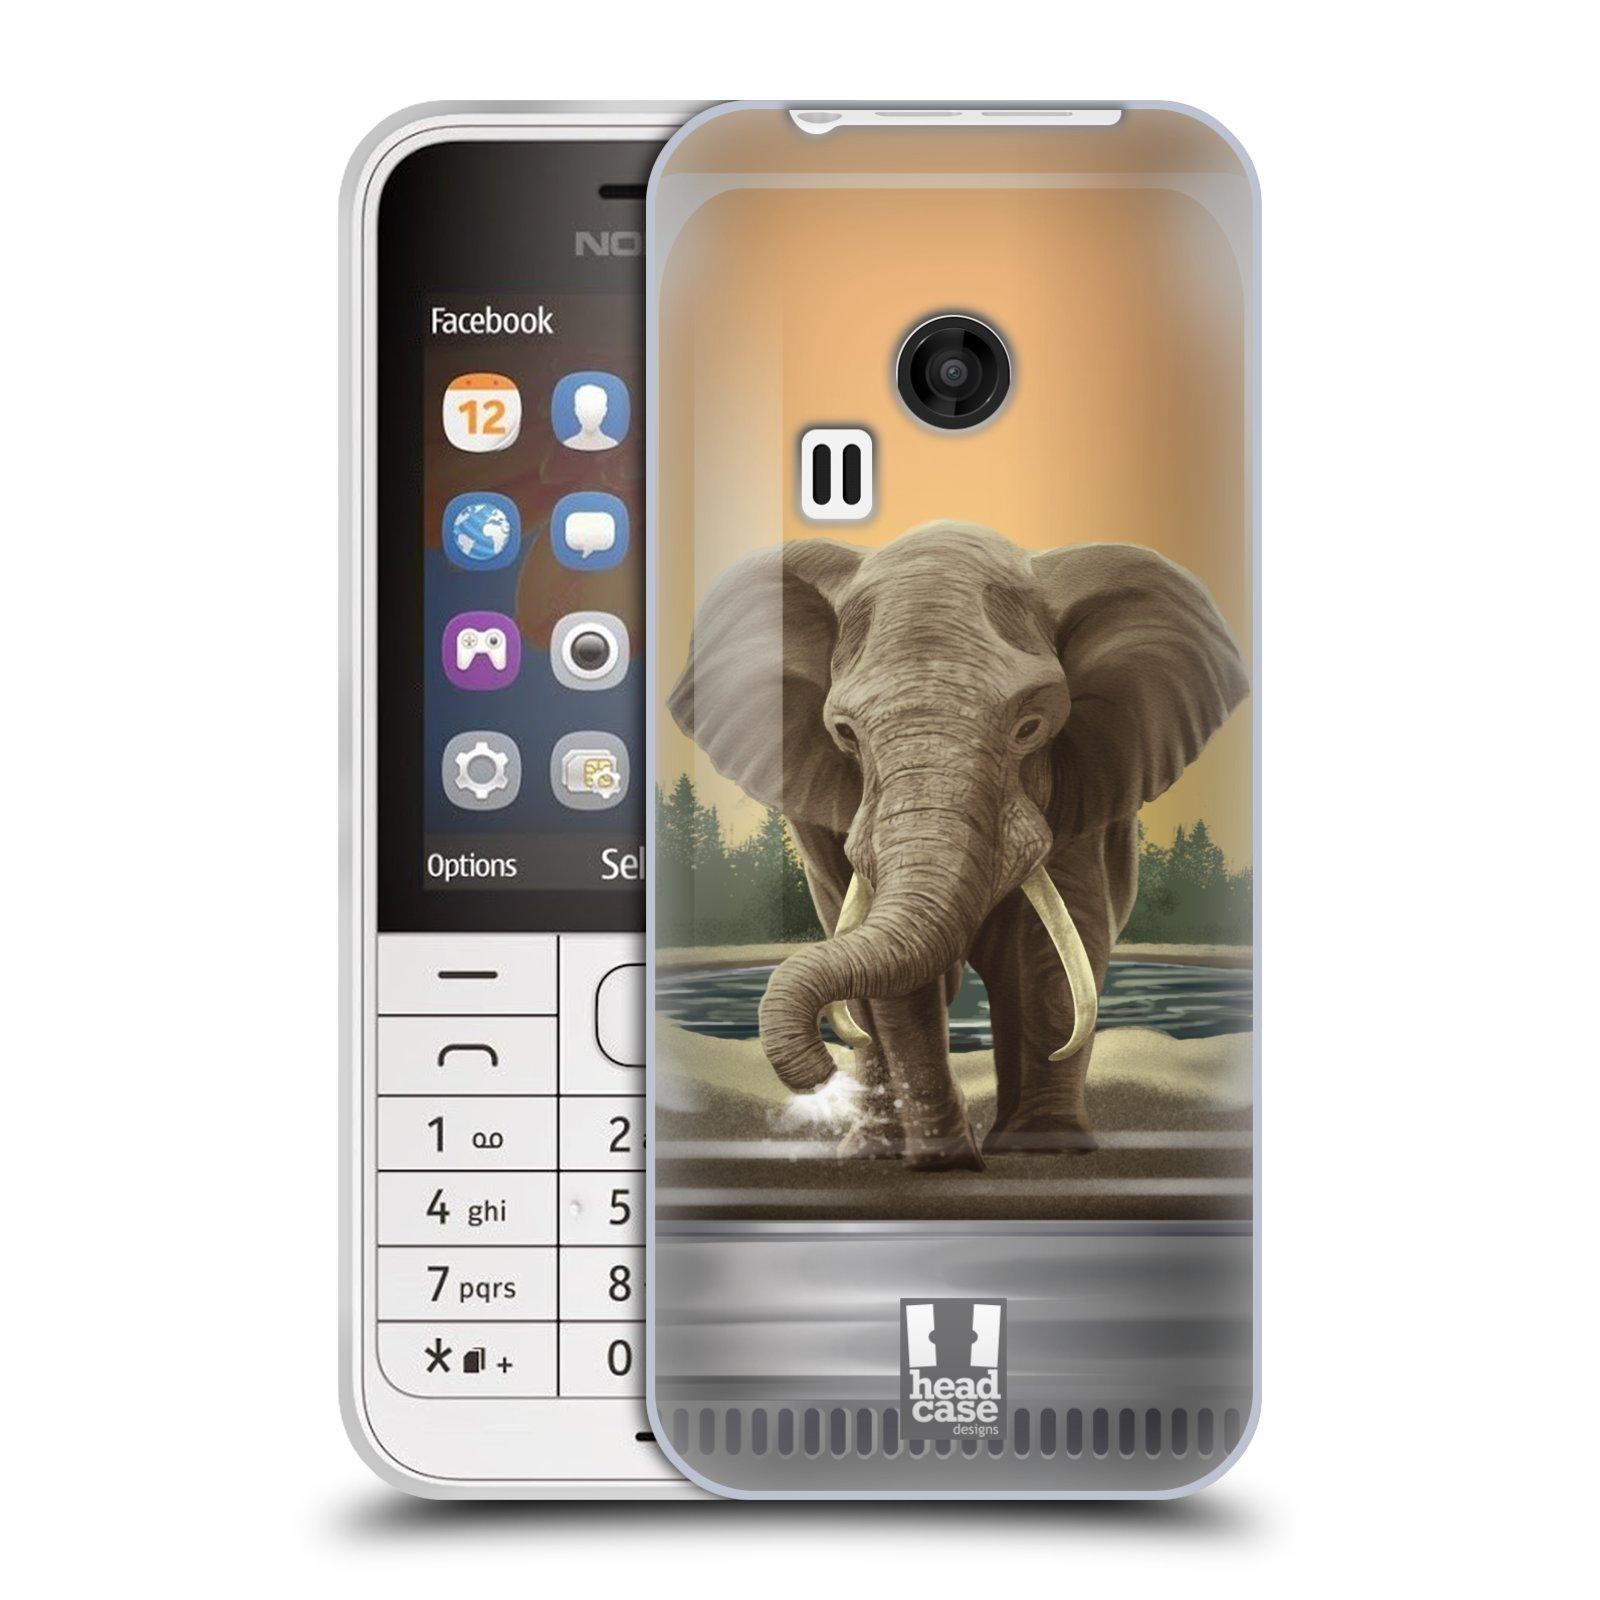 HEAD CASE silikonový obal na mobil NOKIA 220 / NOKIA 220 DUAL SIM vzor Zvířátka v těžítku slon